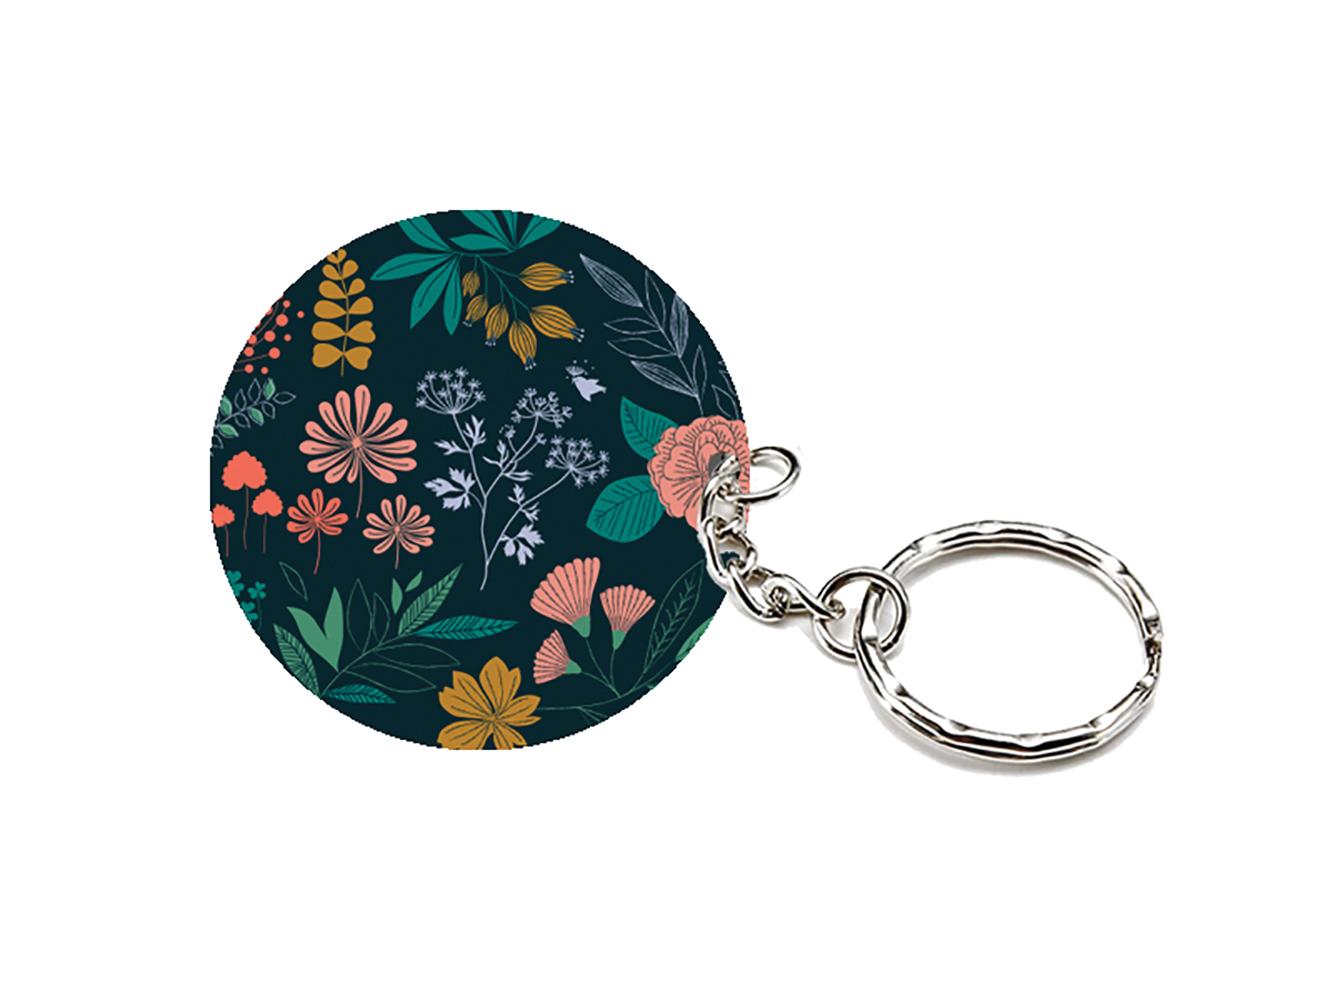 Porte-clés herbier